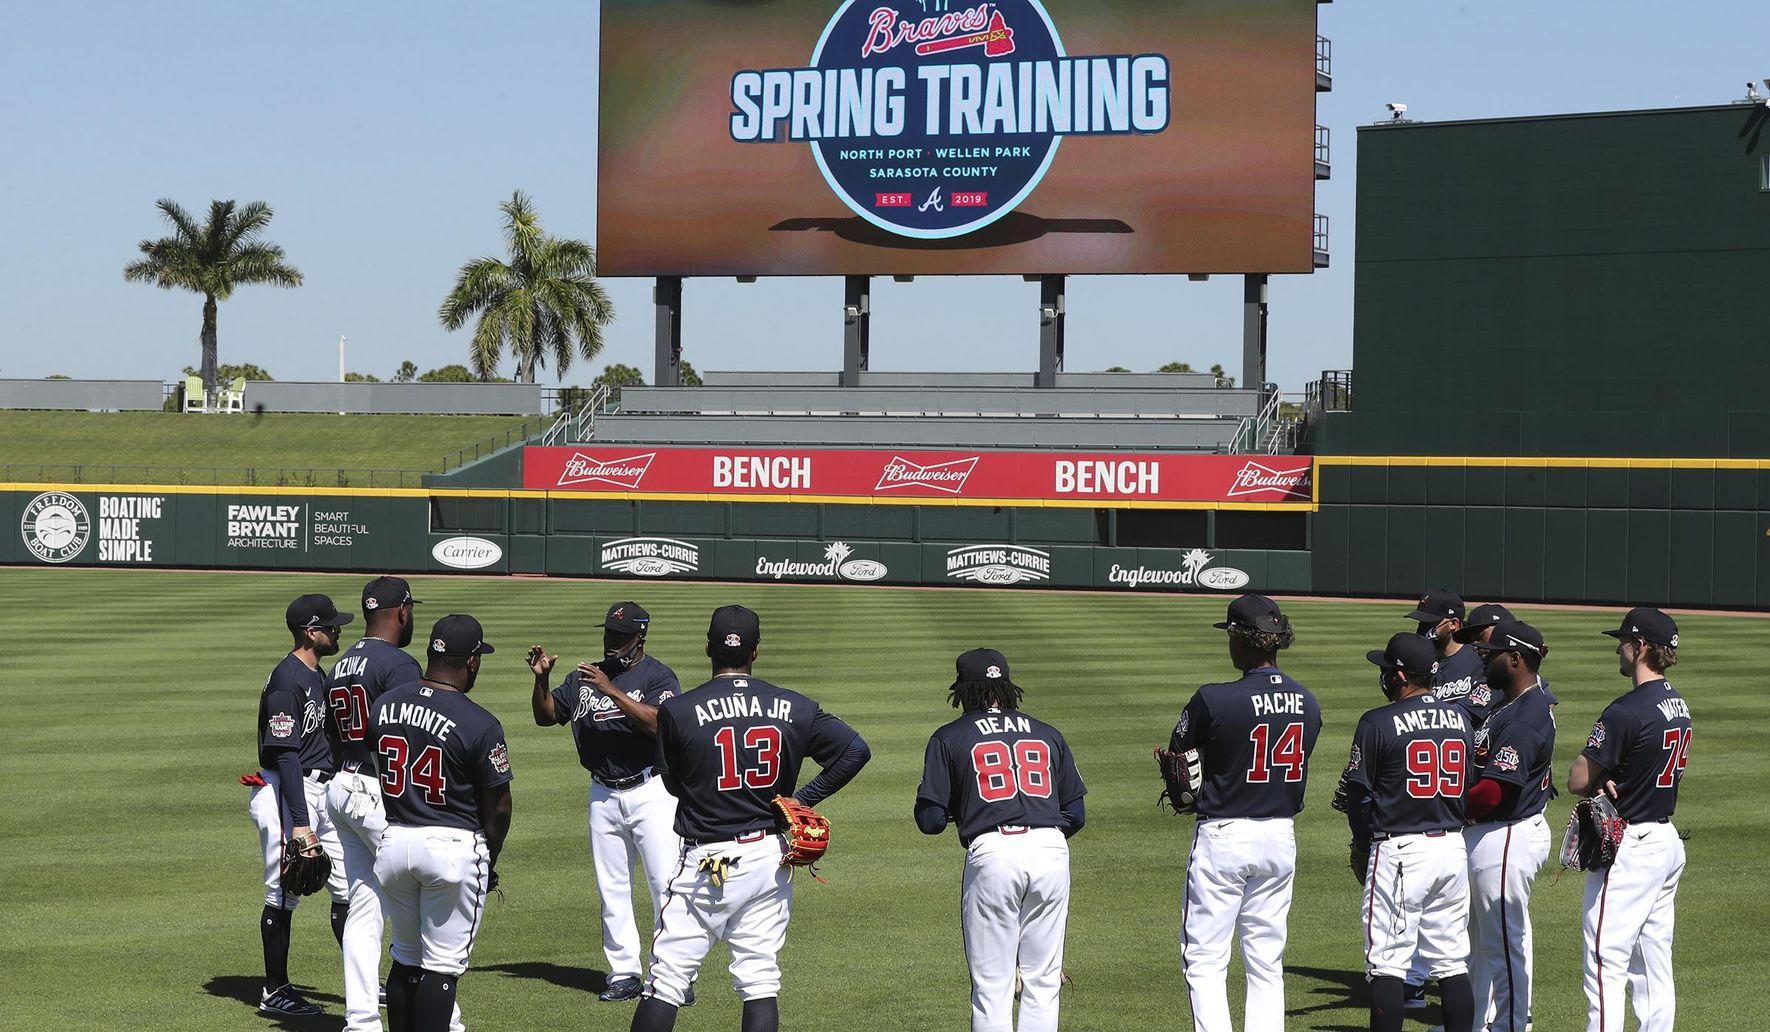 Braves_spring_baseball_52437_c0-251-2400-1650_s1770x1032